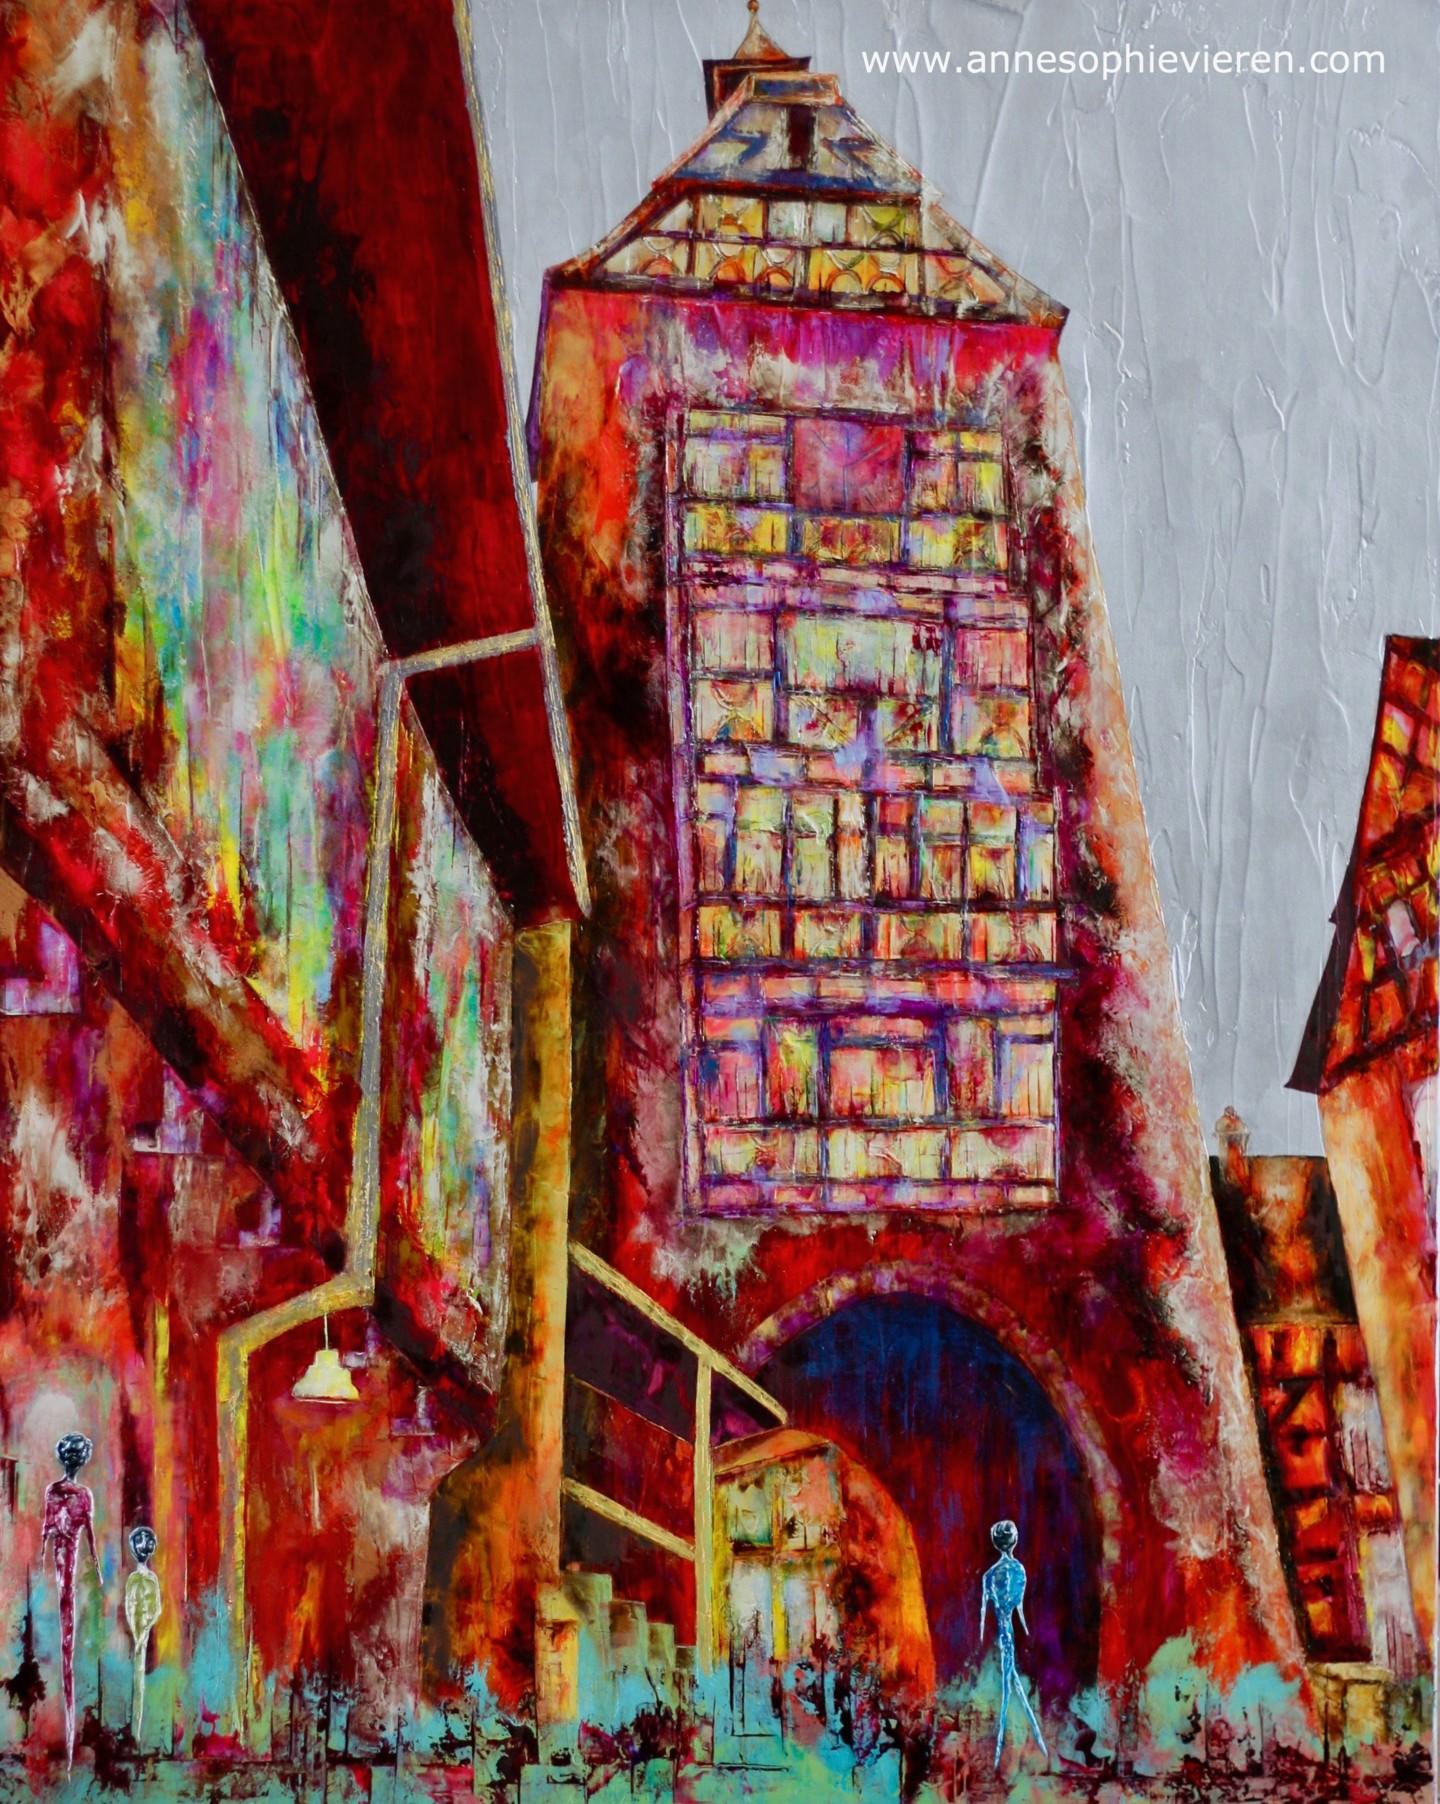 Anne Sophie Vieren - Passage ... Thème Coeur de Ville